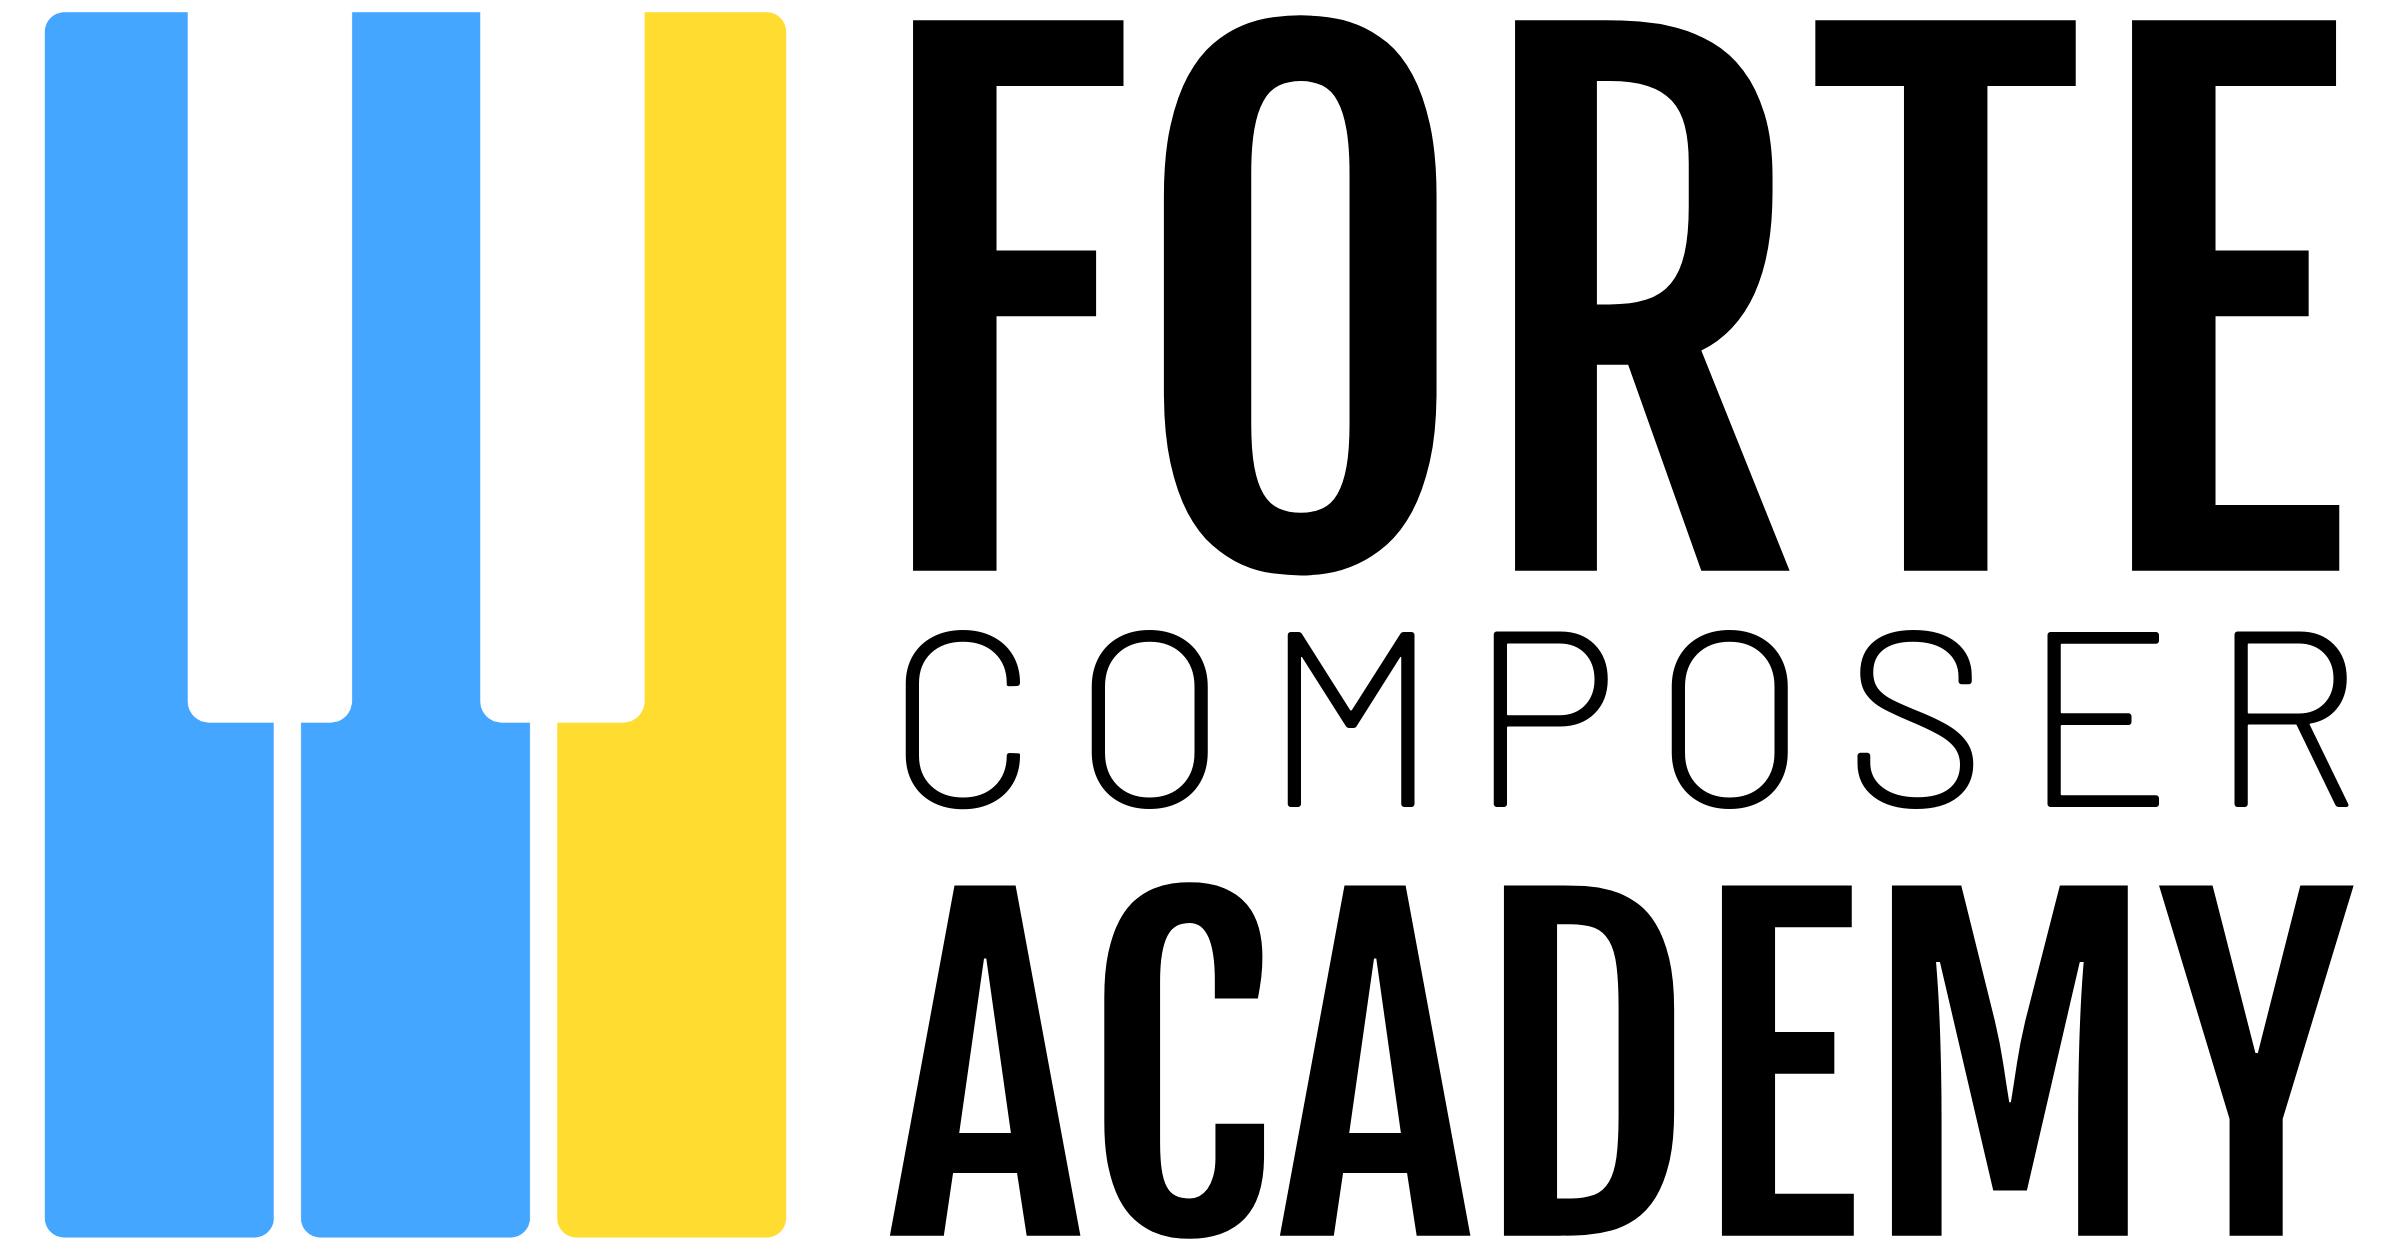 Forte Composer Academy